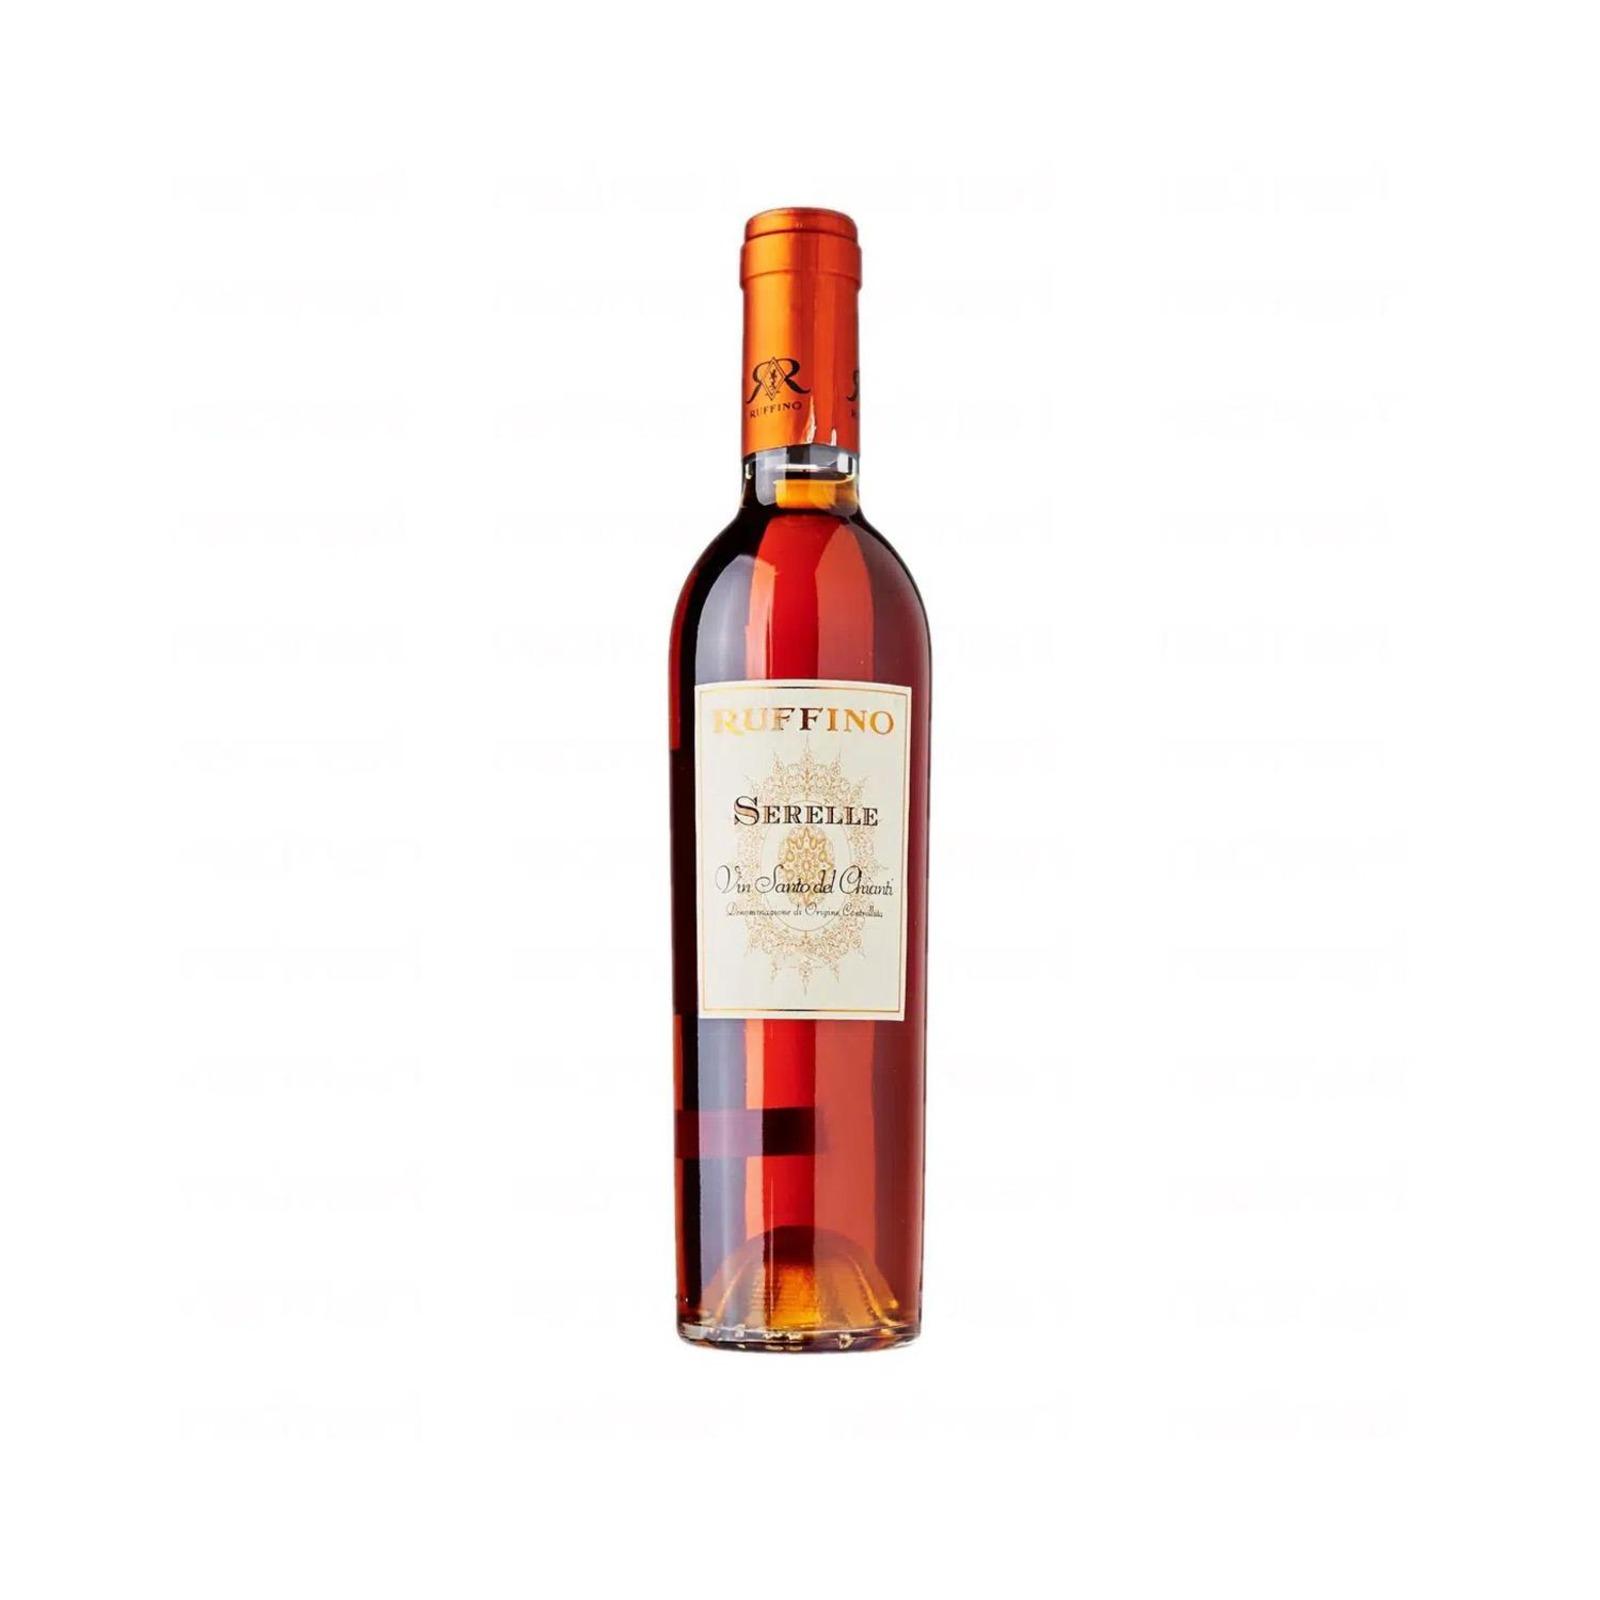 Ruffino Vin Santo Serelle Del Chianti D.O.C. (Half Bottle)